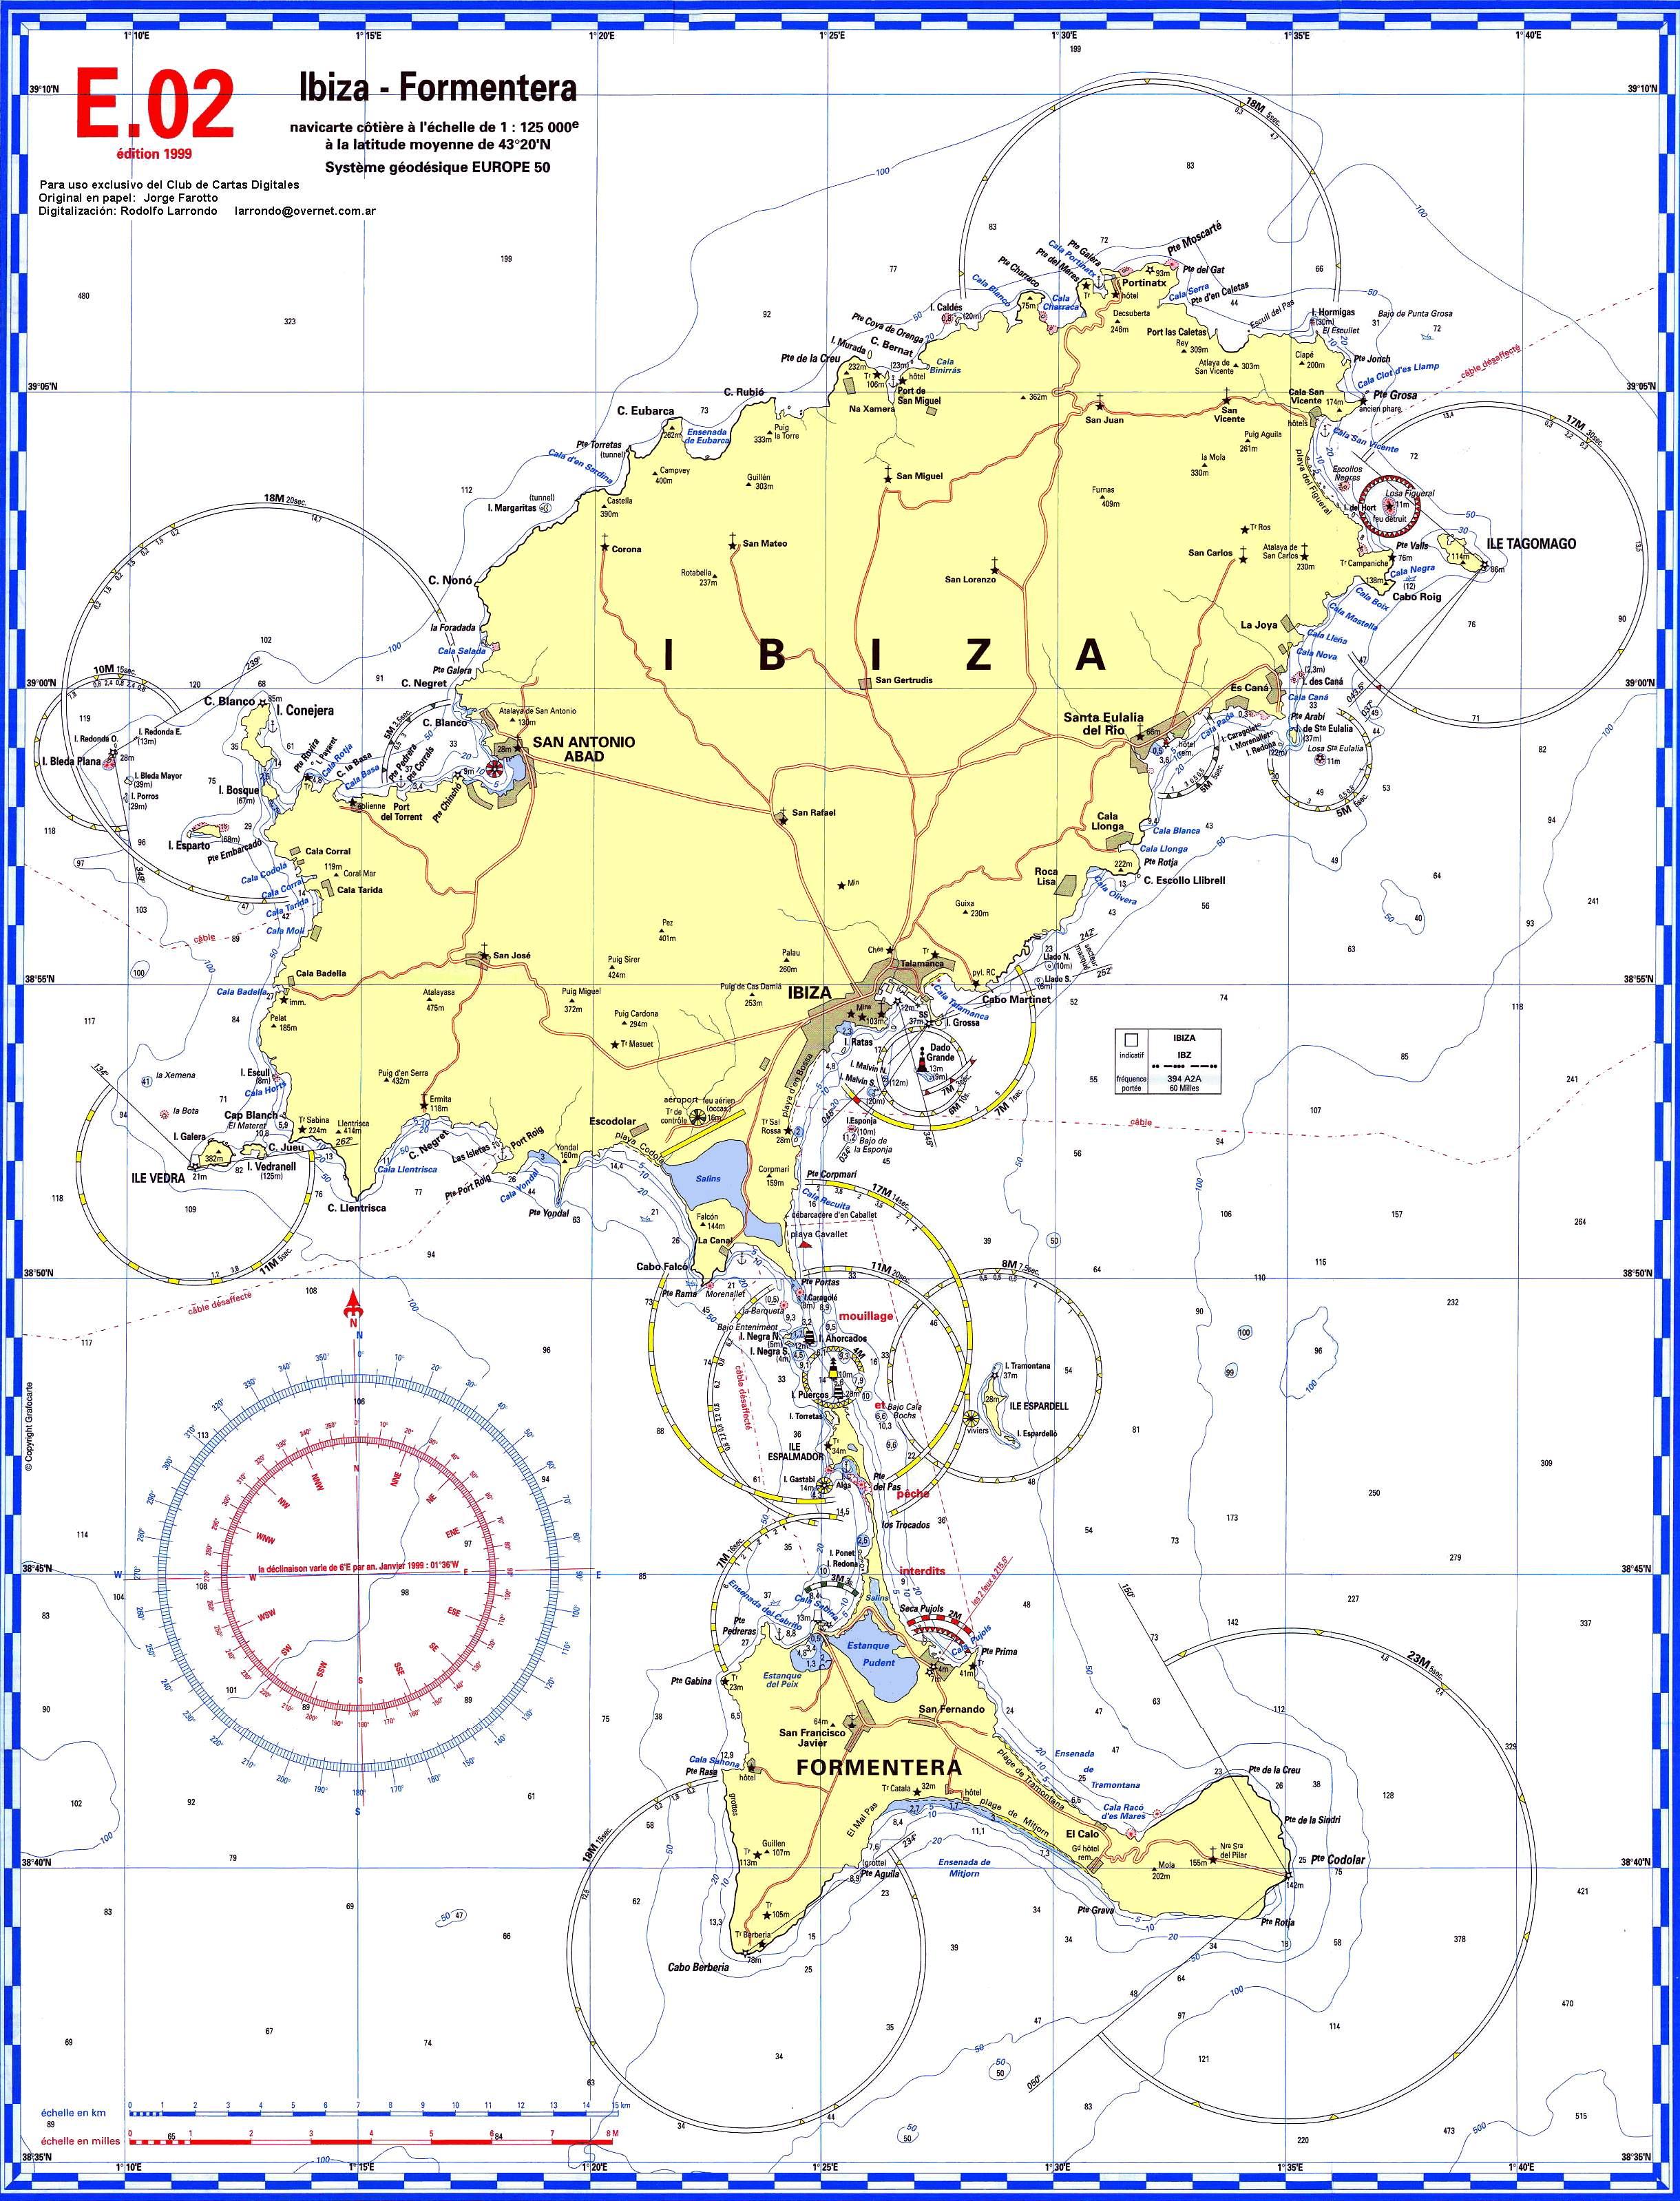 Cartina Geografica Spagna E Formentera.Pianeta Gratis Speciali Carte Nautiche Spagna